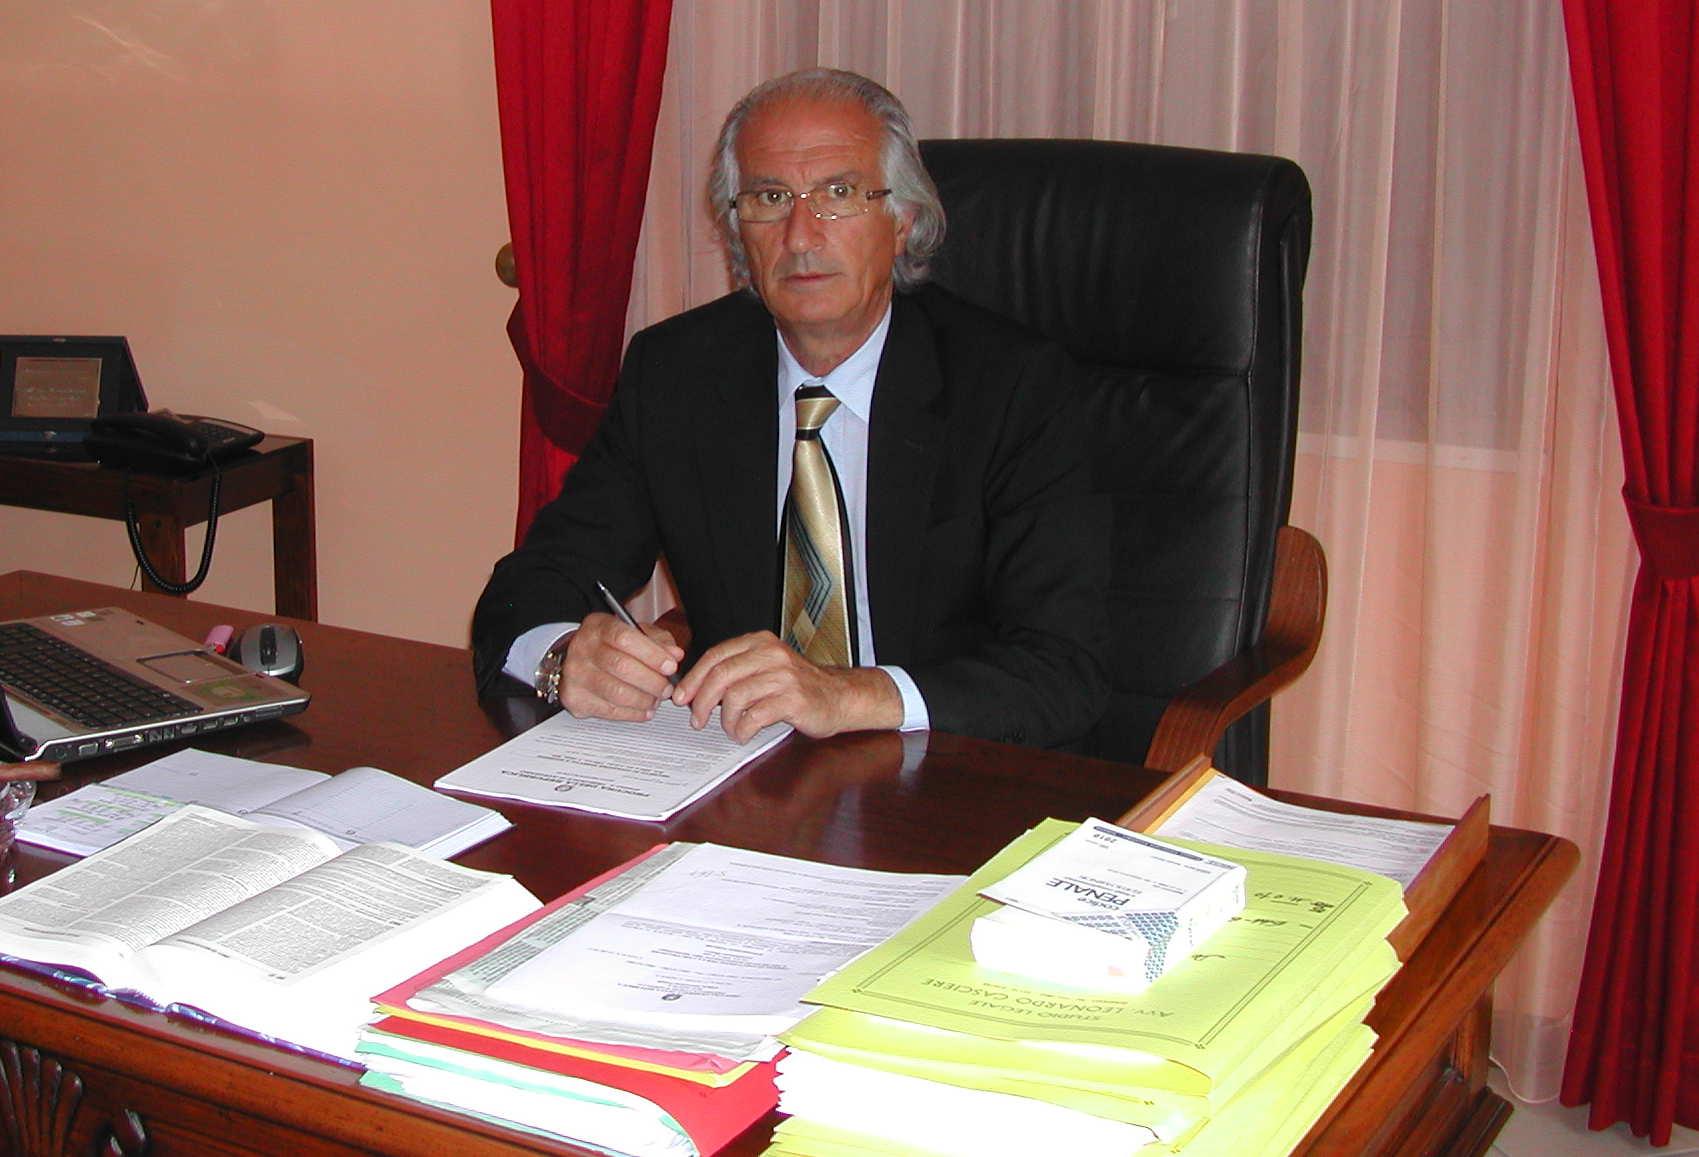 L'avvocato Leonardo Casciere si candida a Sindaco di Avezzano